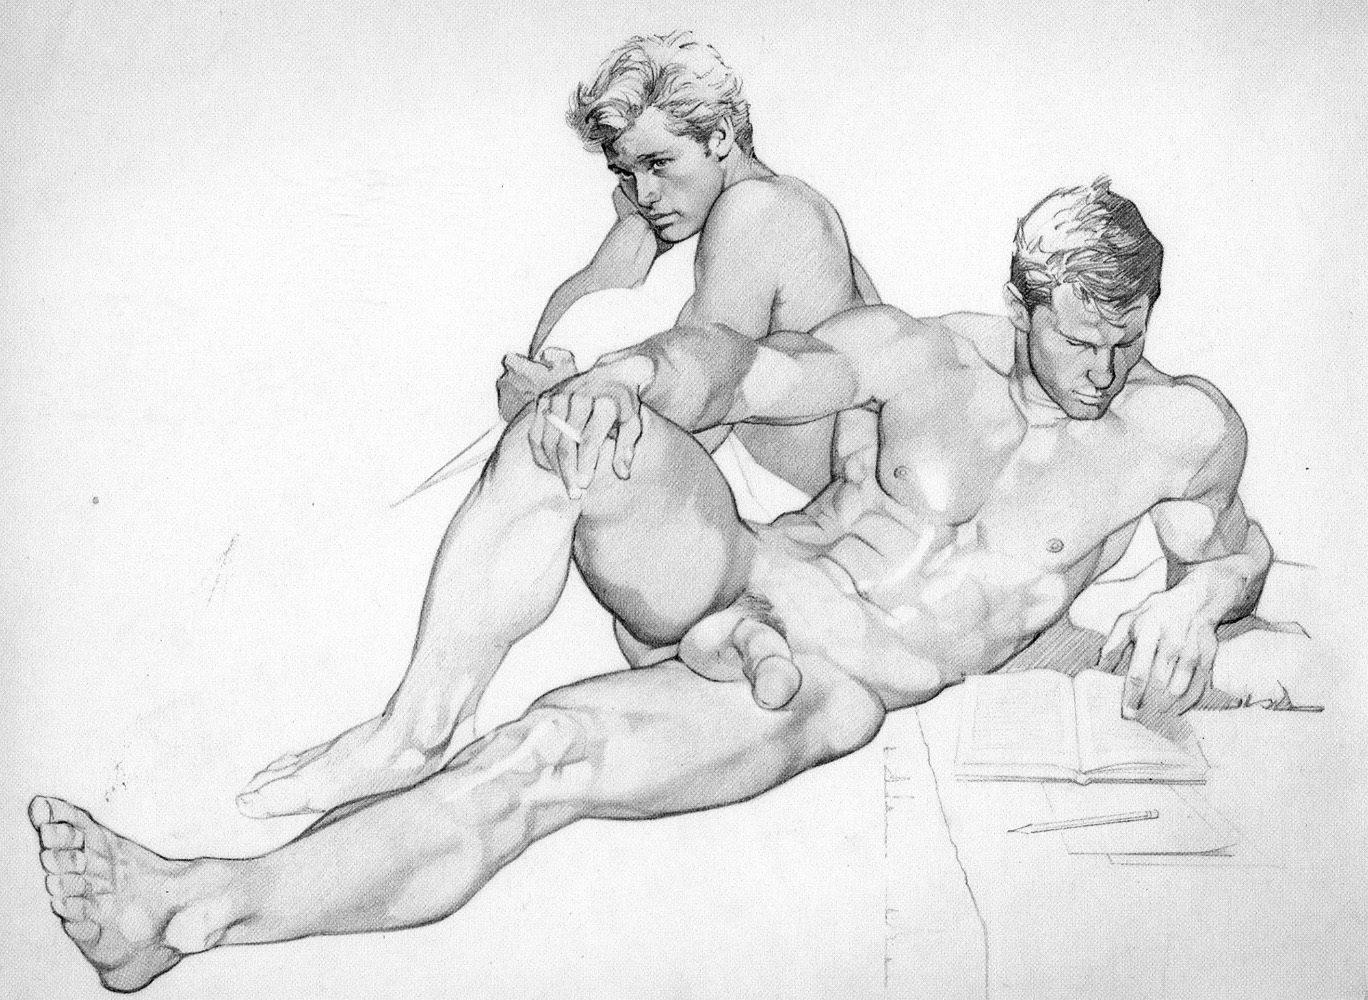 Секс нарисованный в картинках мужчины 10 фотография